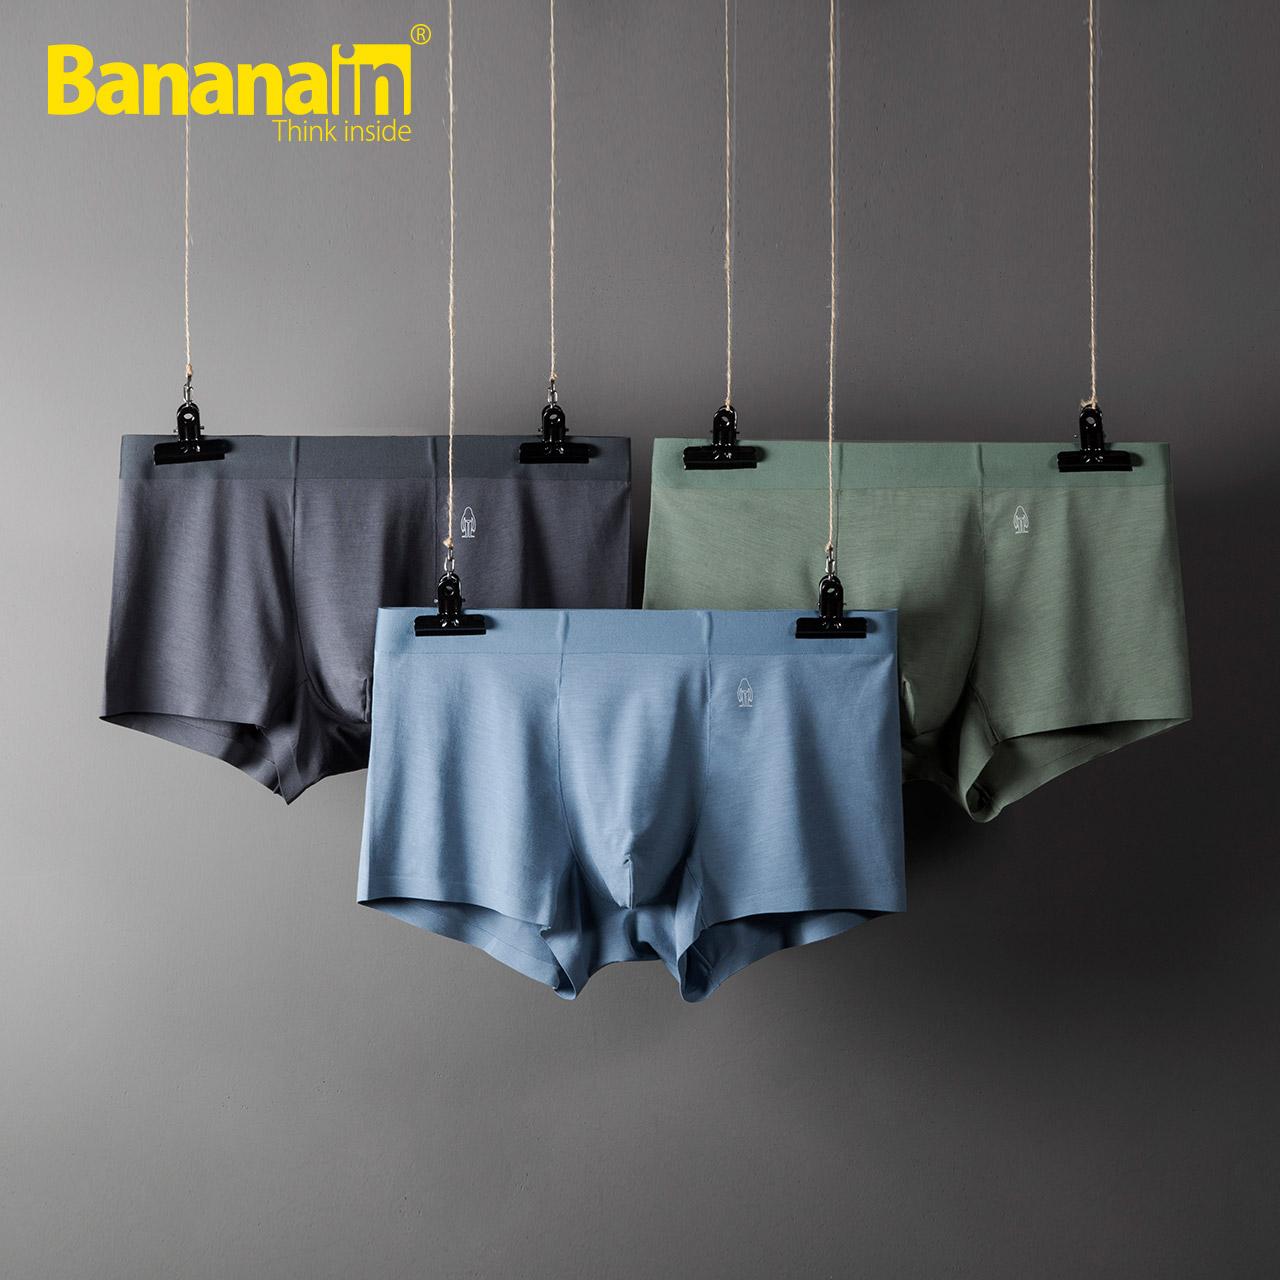 3件装 Bananain/蕉内 500E男士莫代尔纯中腰性感舒适无痕平角内裤